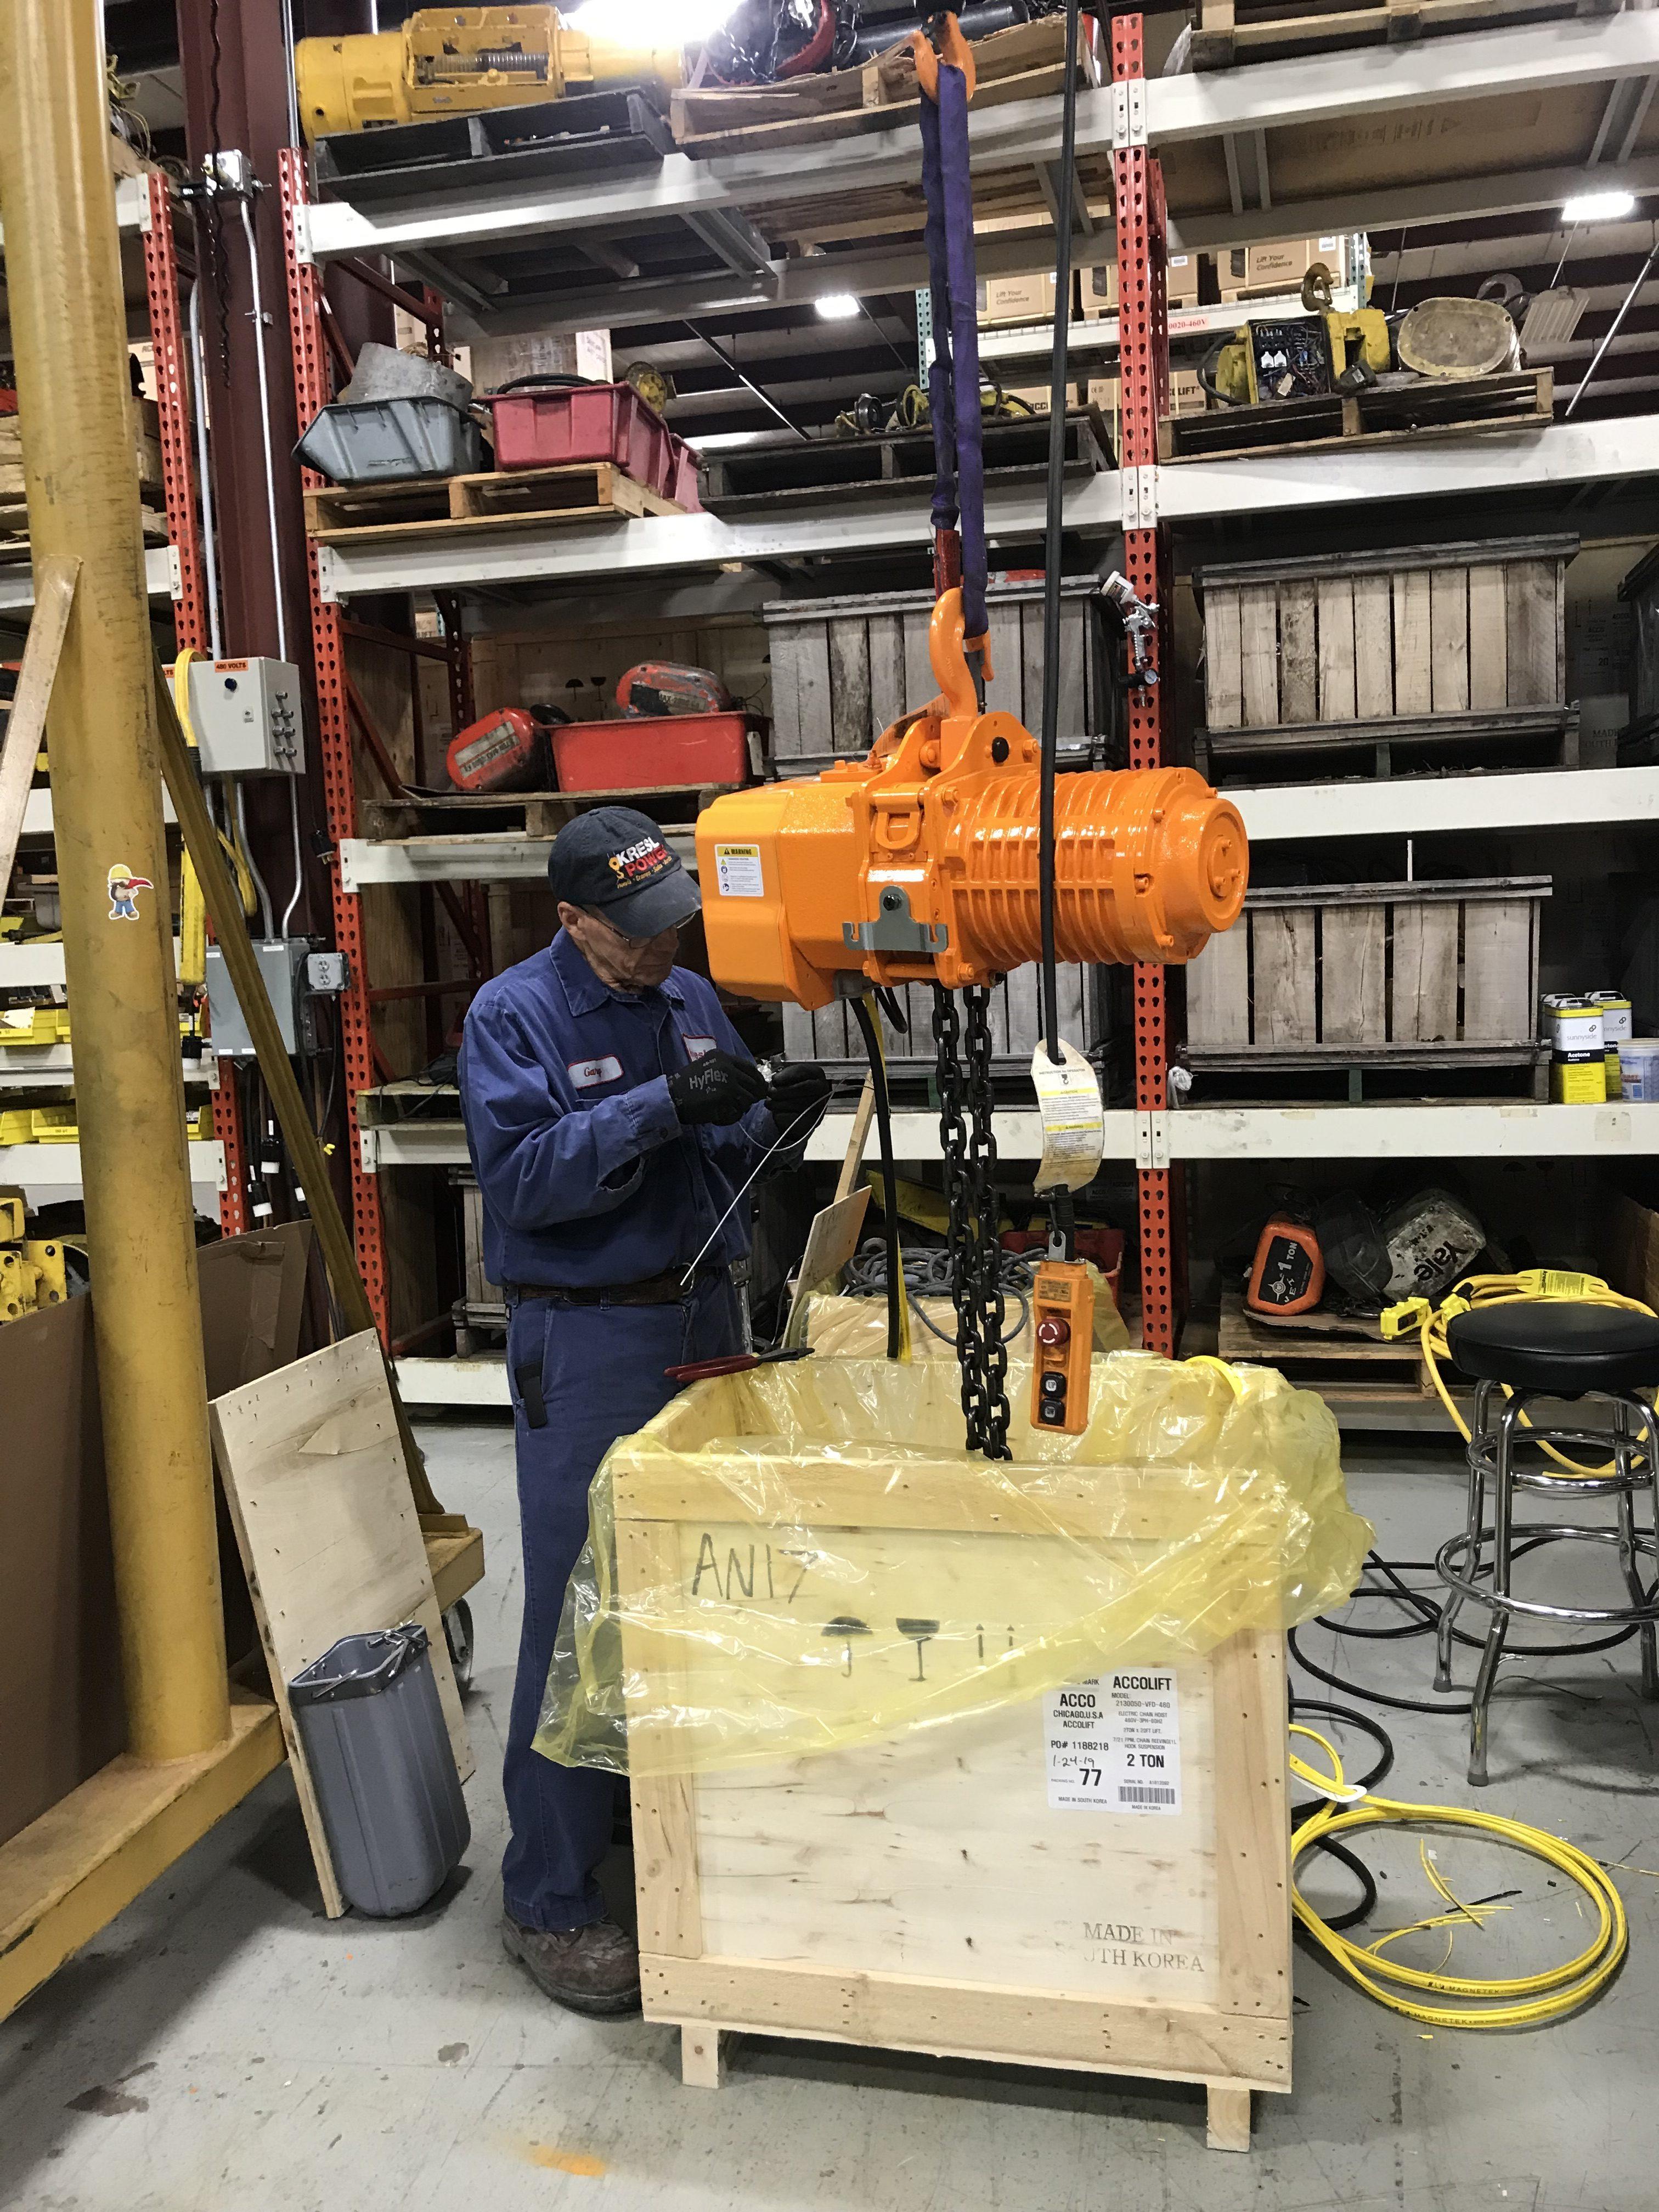 Acco hoist inspection